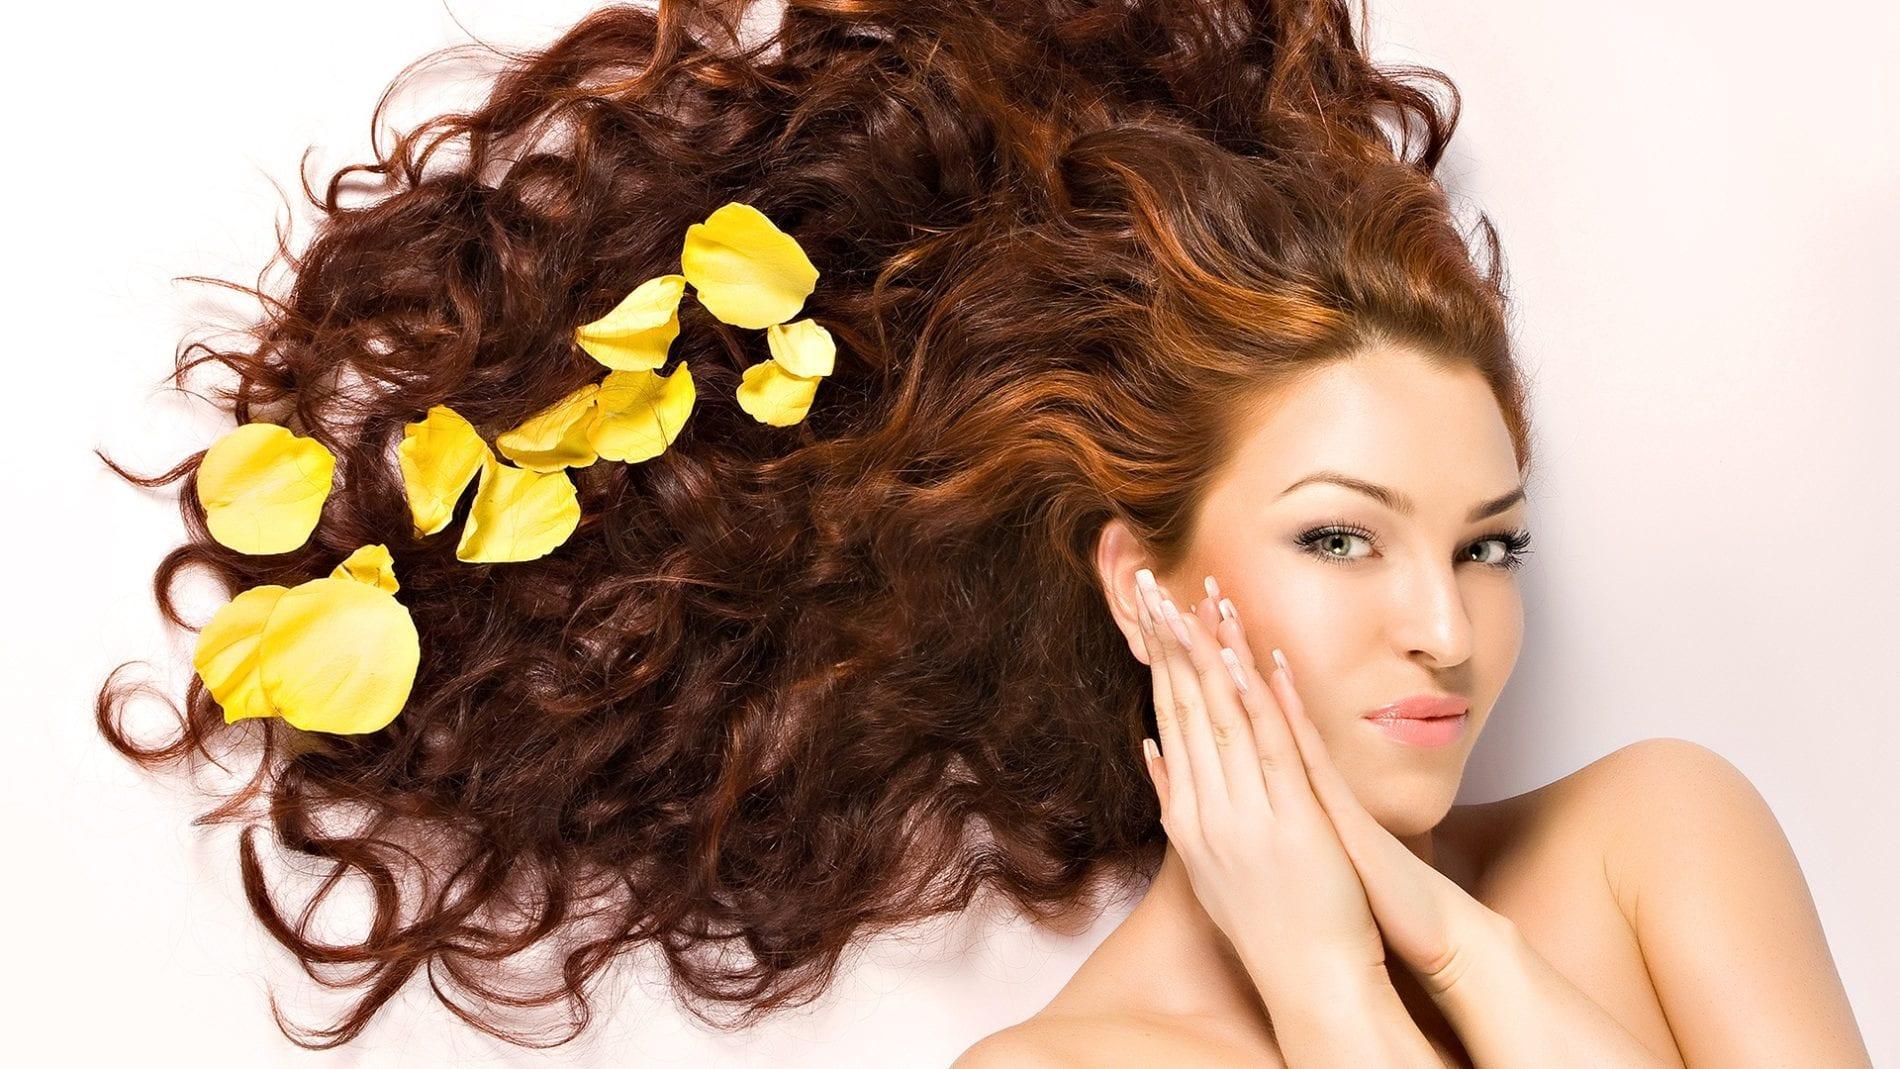 Как увеличить рост волос: образ жизни, маски и витамины новые фото